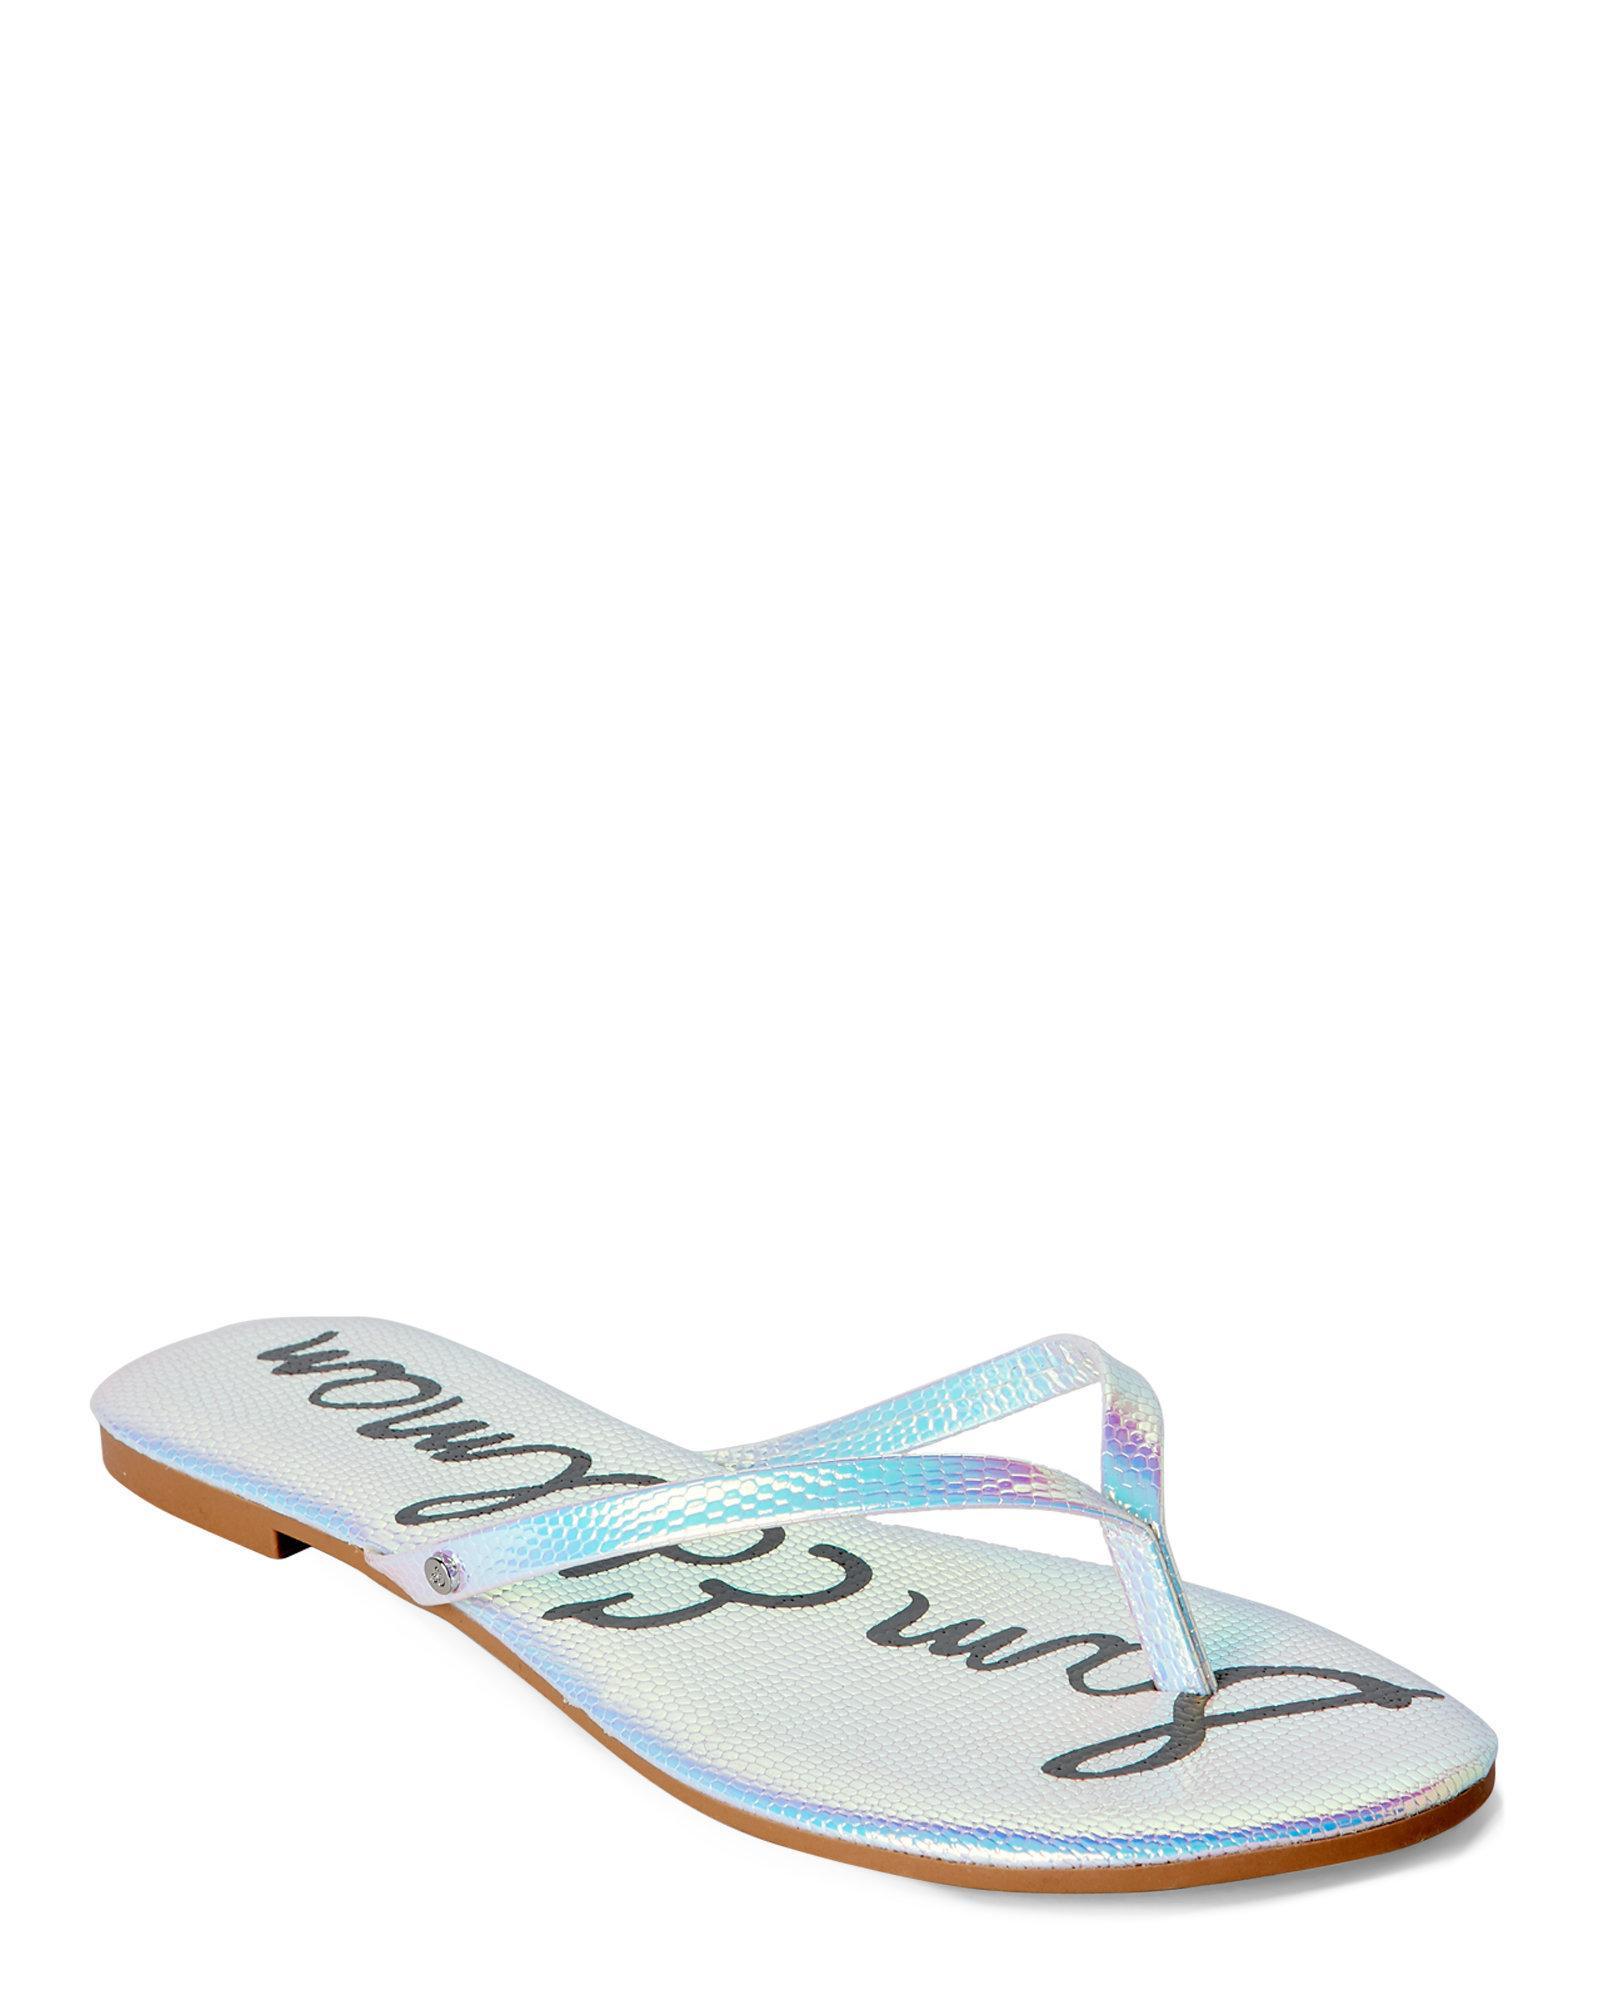 8d38ea70d6f0e Lyst - Sam Edelman Oliver Snake-Effect Flip Flops in White